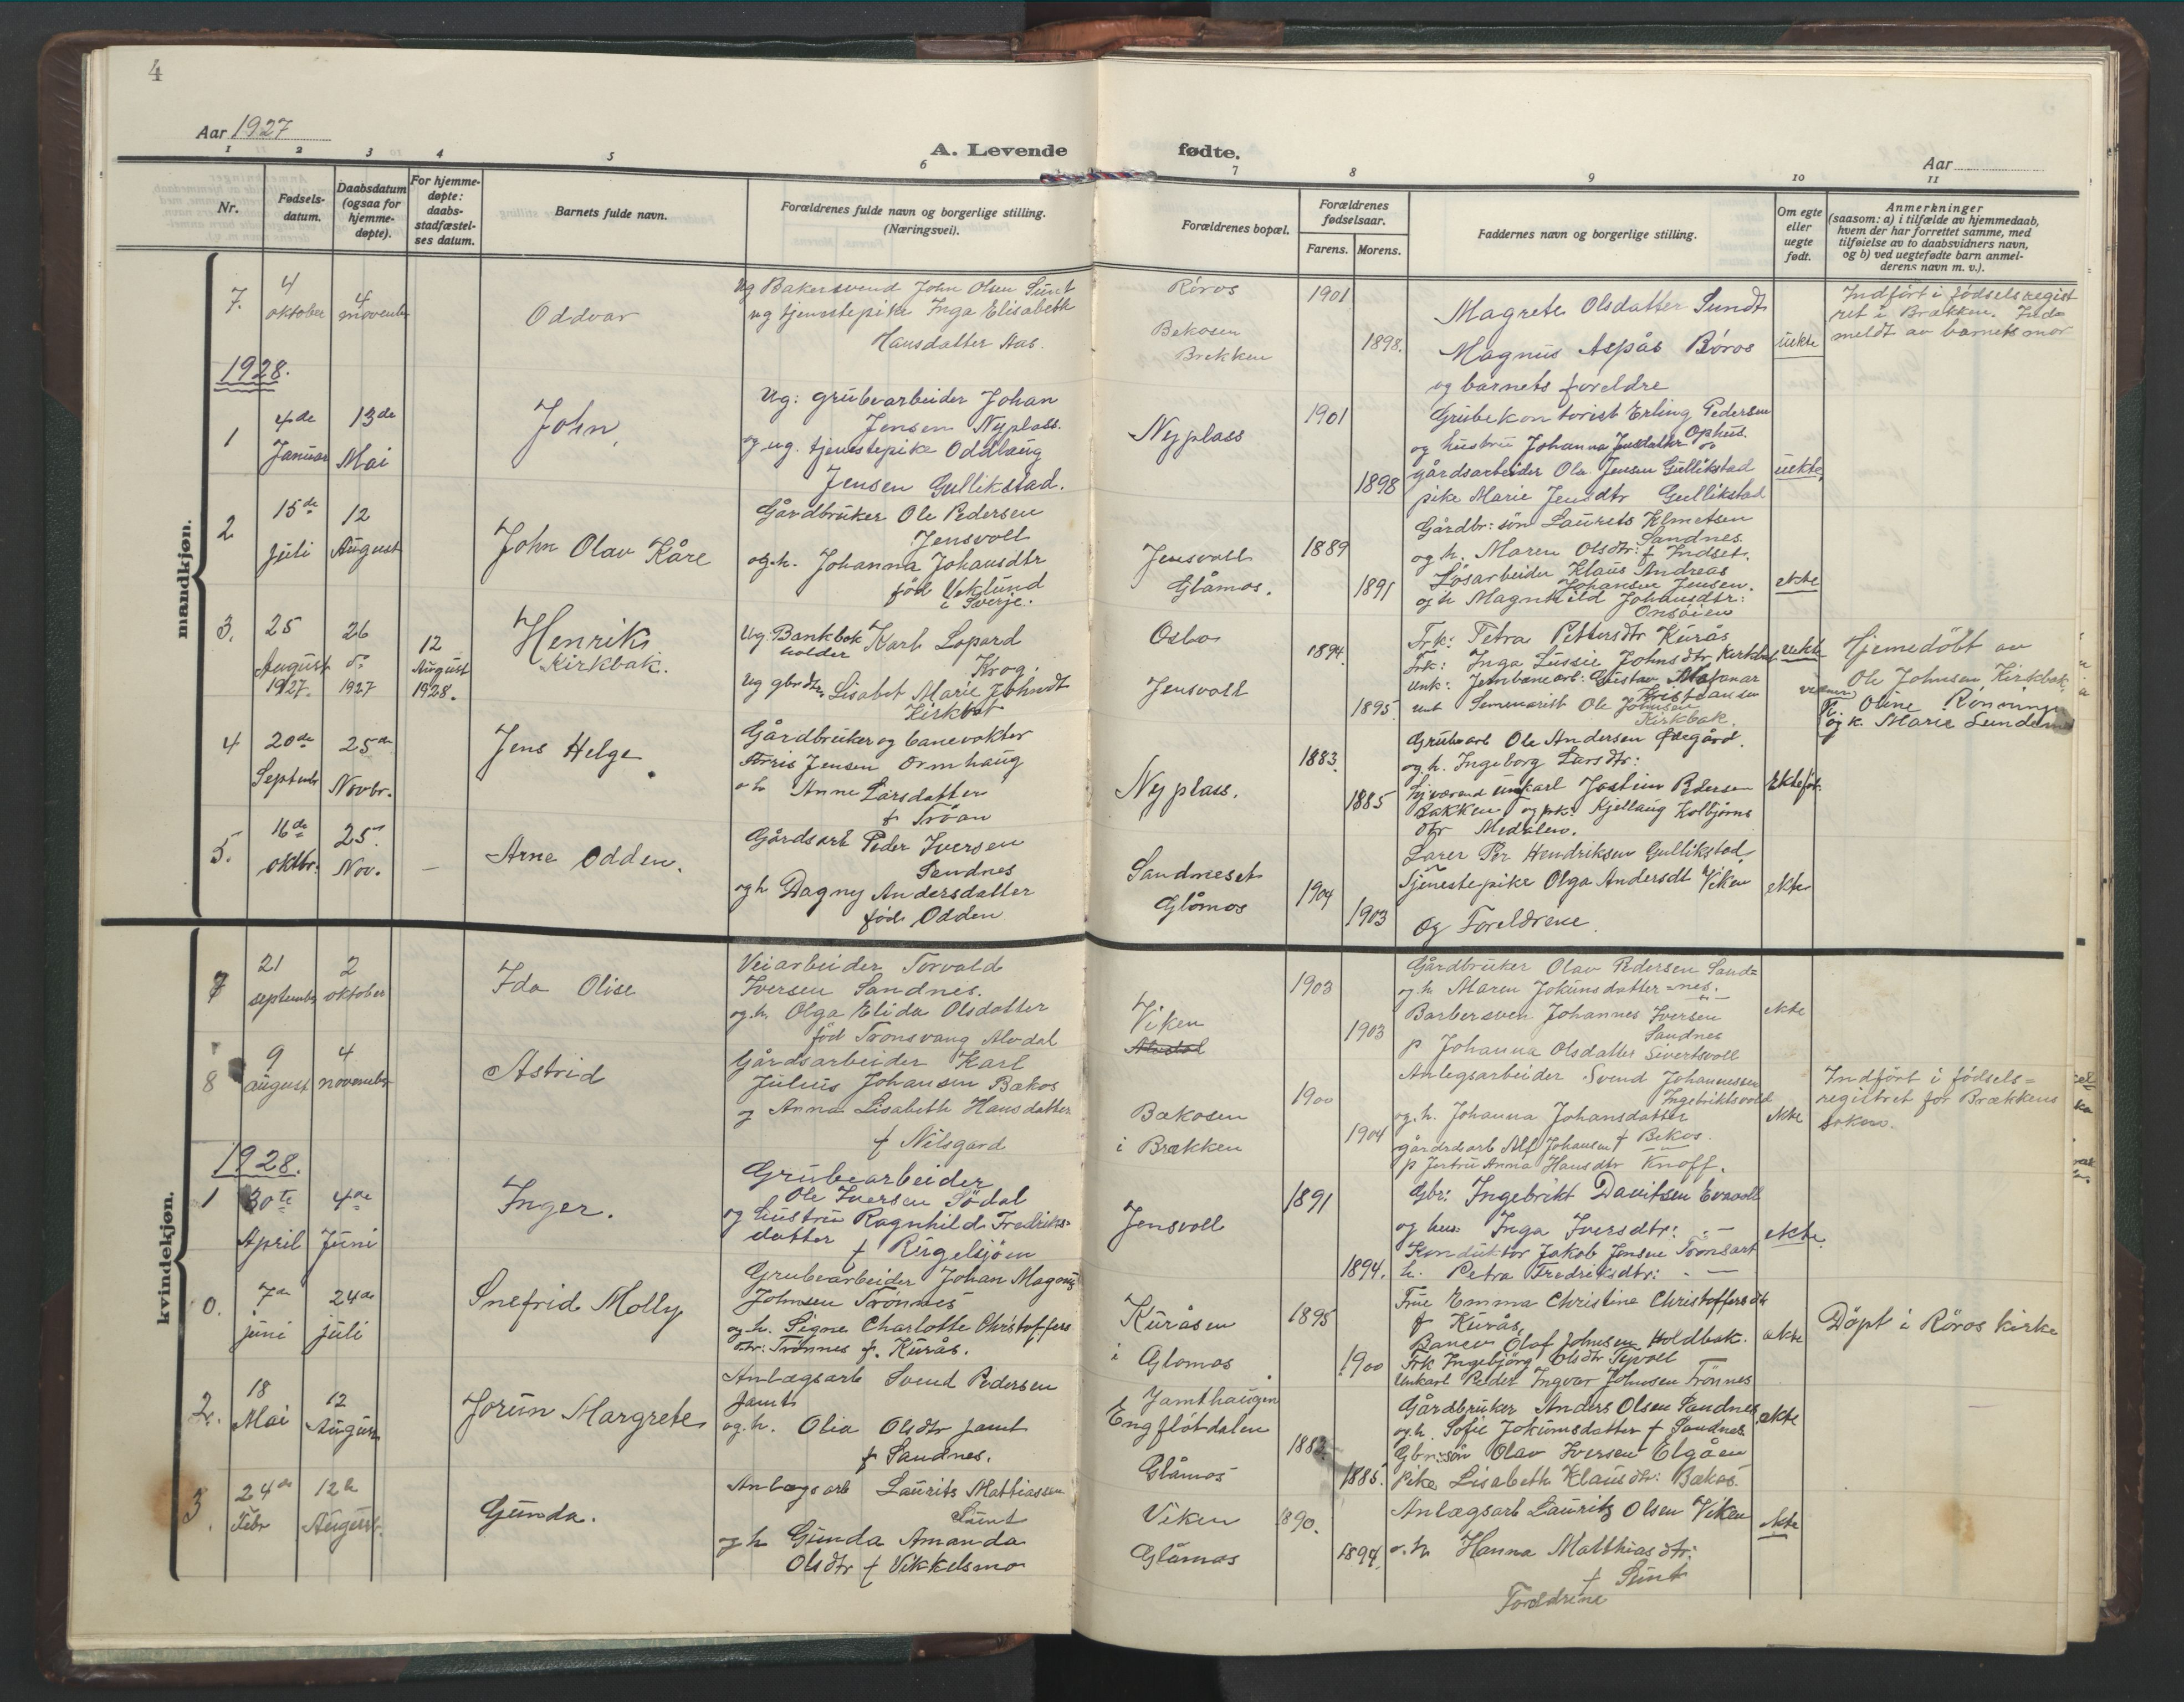 SAT, Ministerialprotokoller, klokkerbøker og fødselsregistre - Sør-Trøndelag, 682/L0947: Klokkerbok nr. 682C01, 1926-1968, s. 4